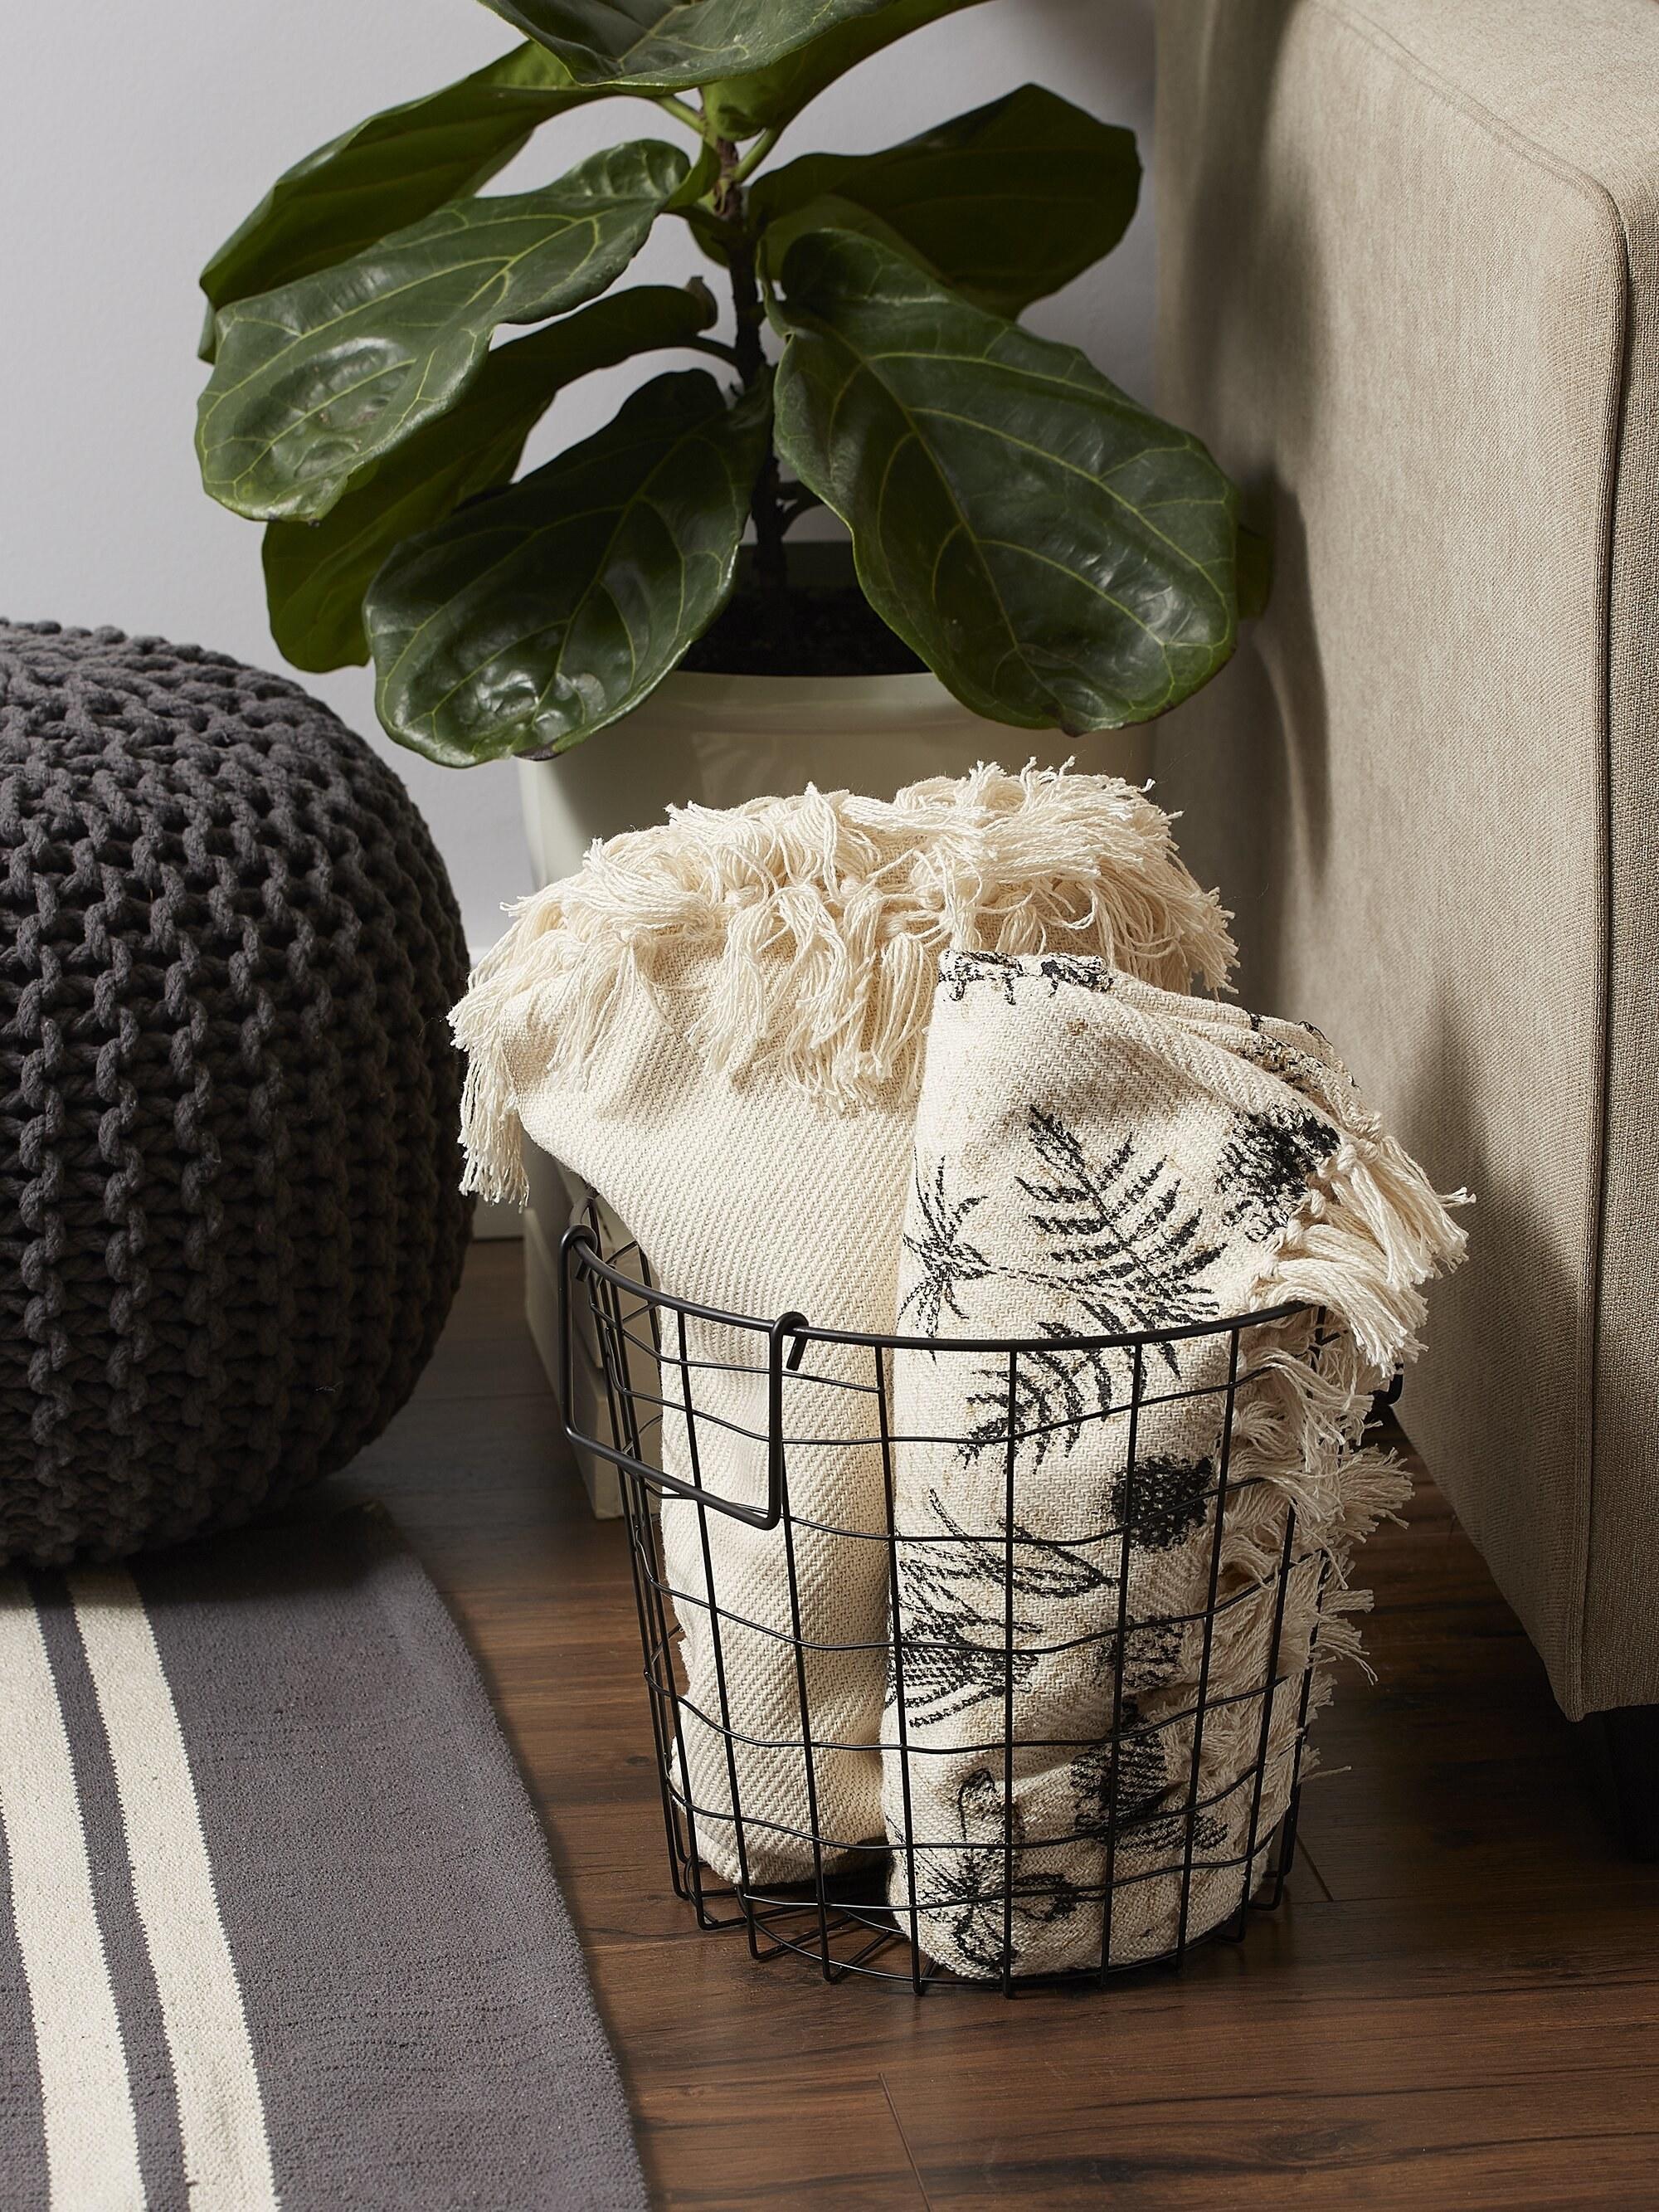 Metal basket holding blankets